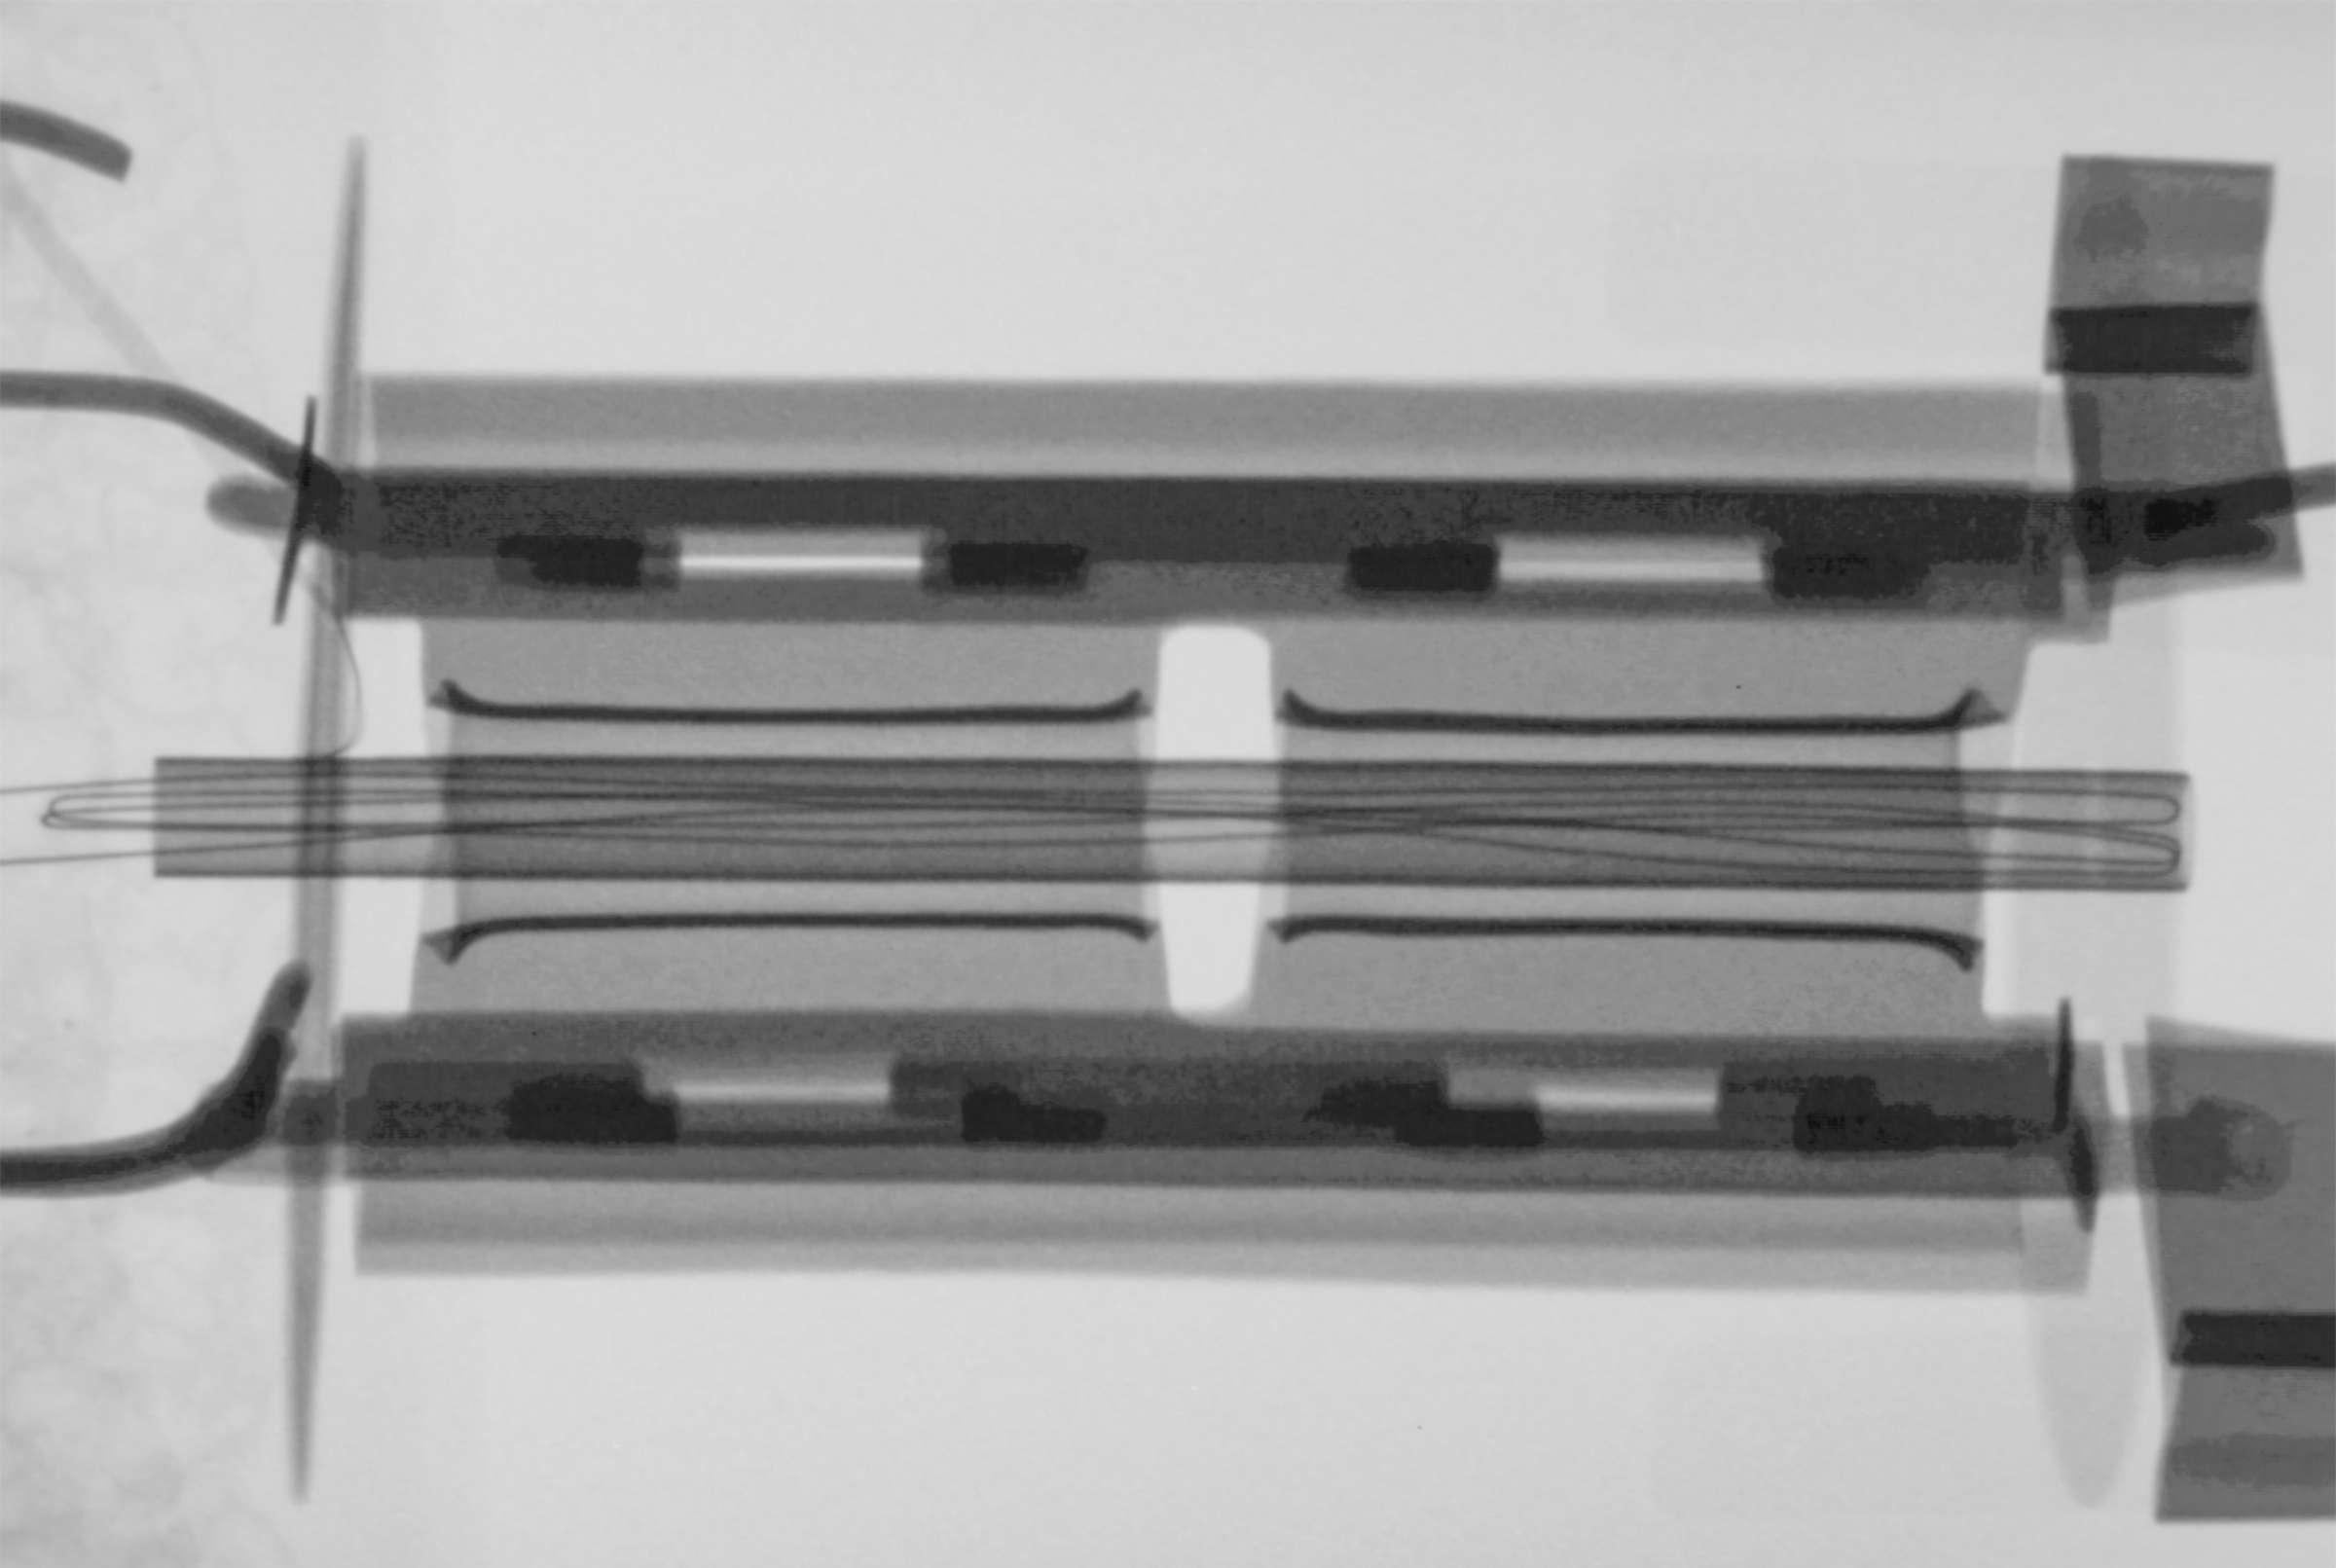 Рентгенография радиолампы 6Ц5С